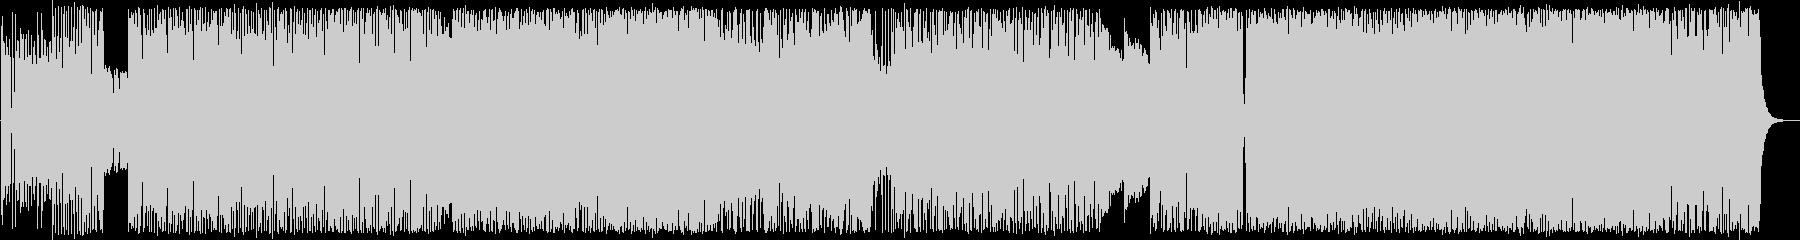 ダークで激しいロックポップスの未再生の波形